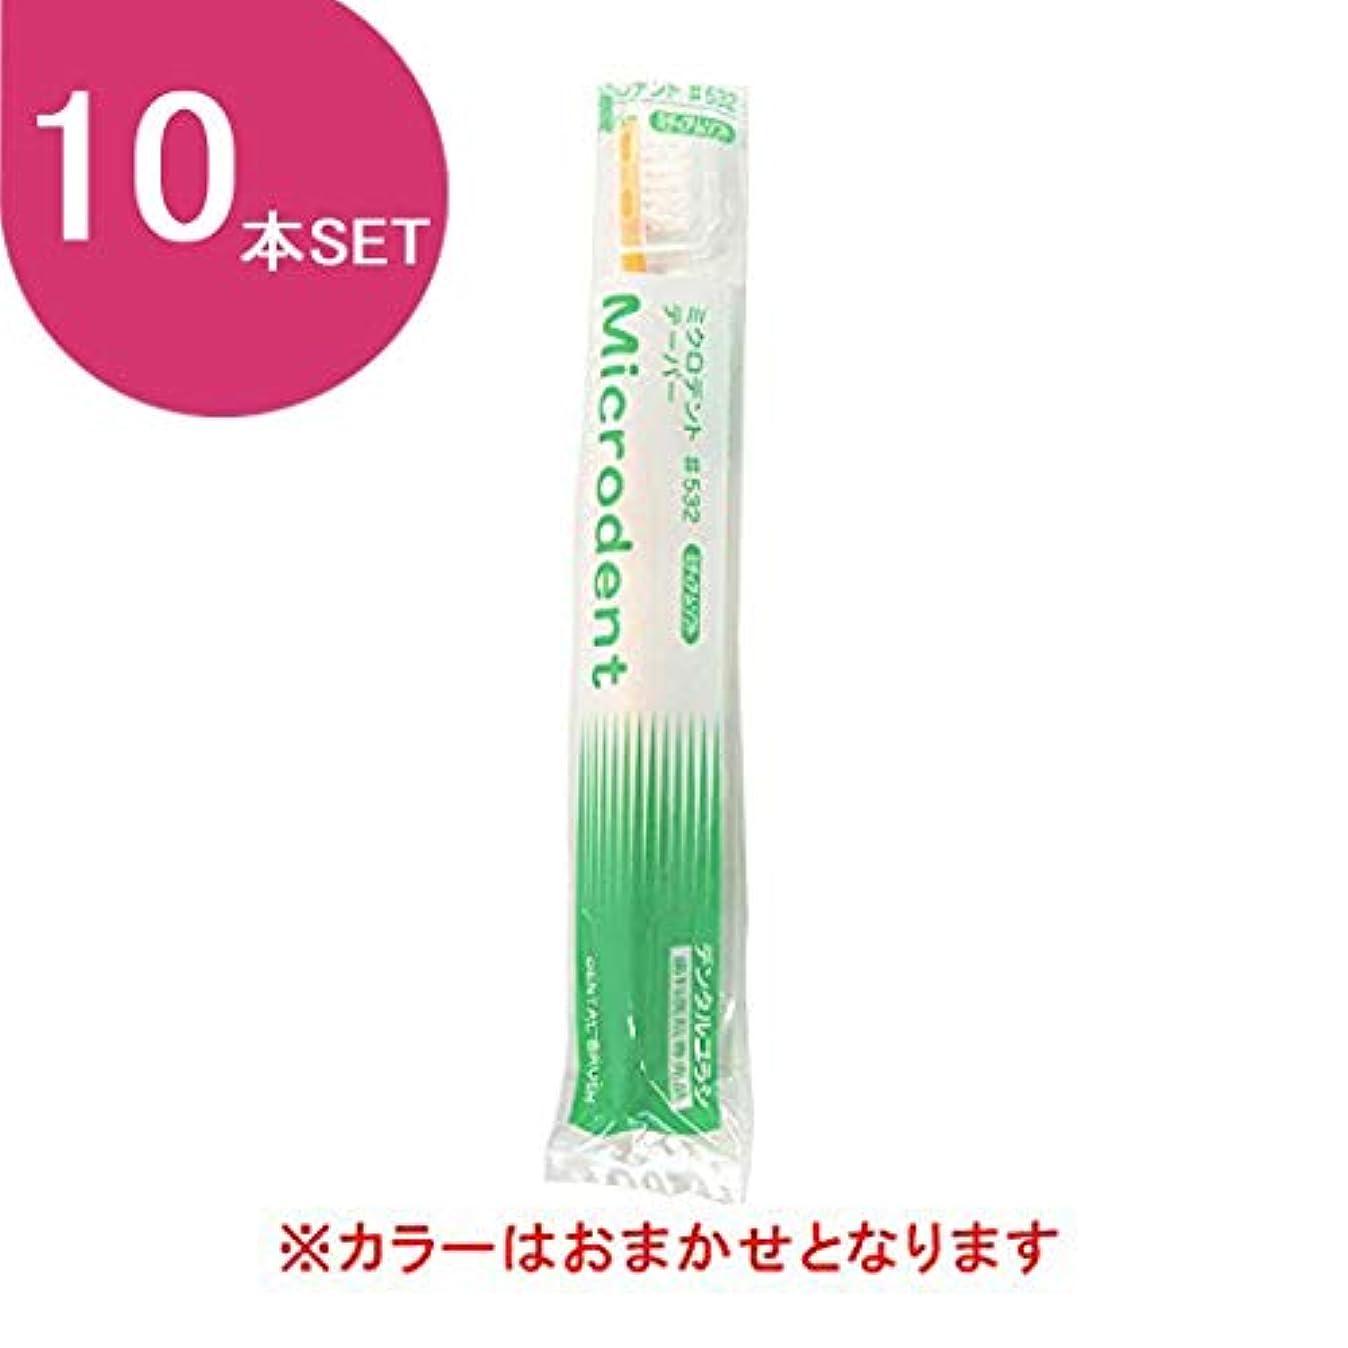 しっとり賢い懐白水貿易 ミクロデント (Microdent) 10本 #532 (ミディアム)